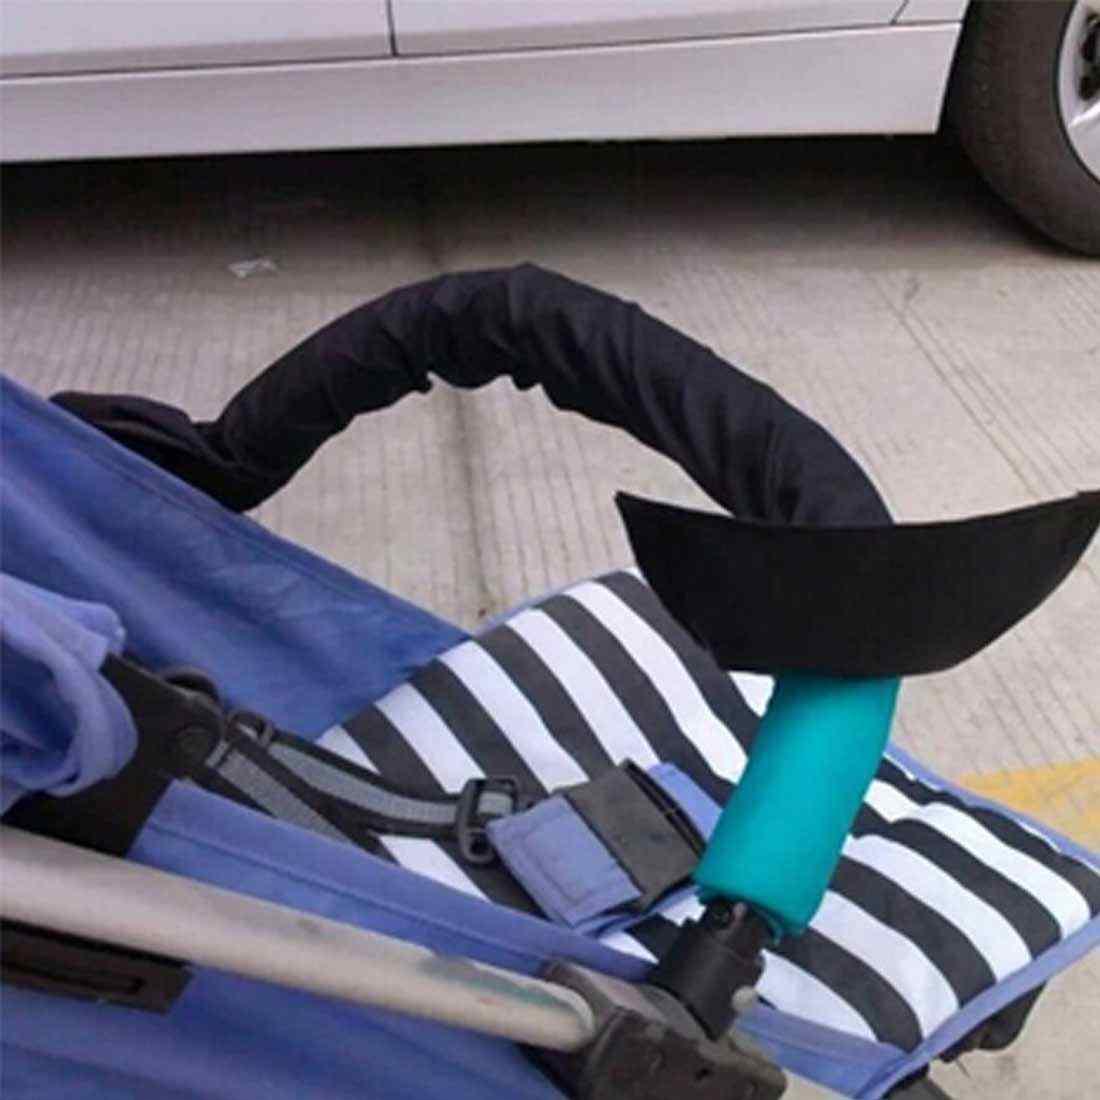 ทั่วไปทำความสะอาดได้สเตอริโอรถเข็นเด็กแขนรถเข็นเด็กอุปกรณ์เสริมพนักพิงกรณีผ้ารถเข็นเด็กทารก Access